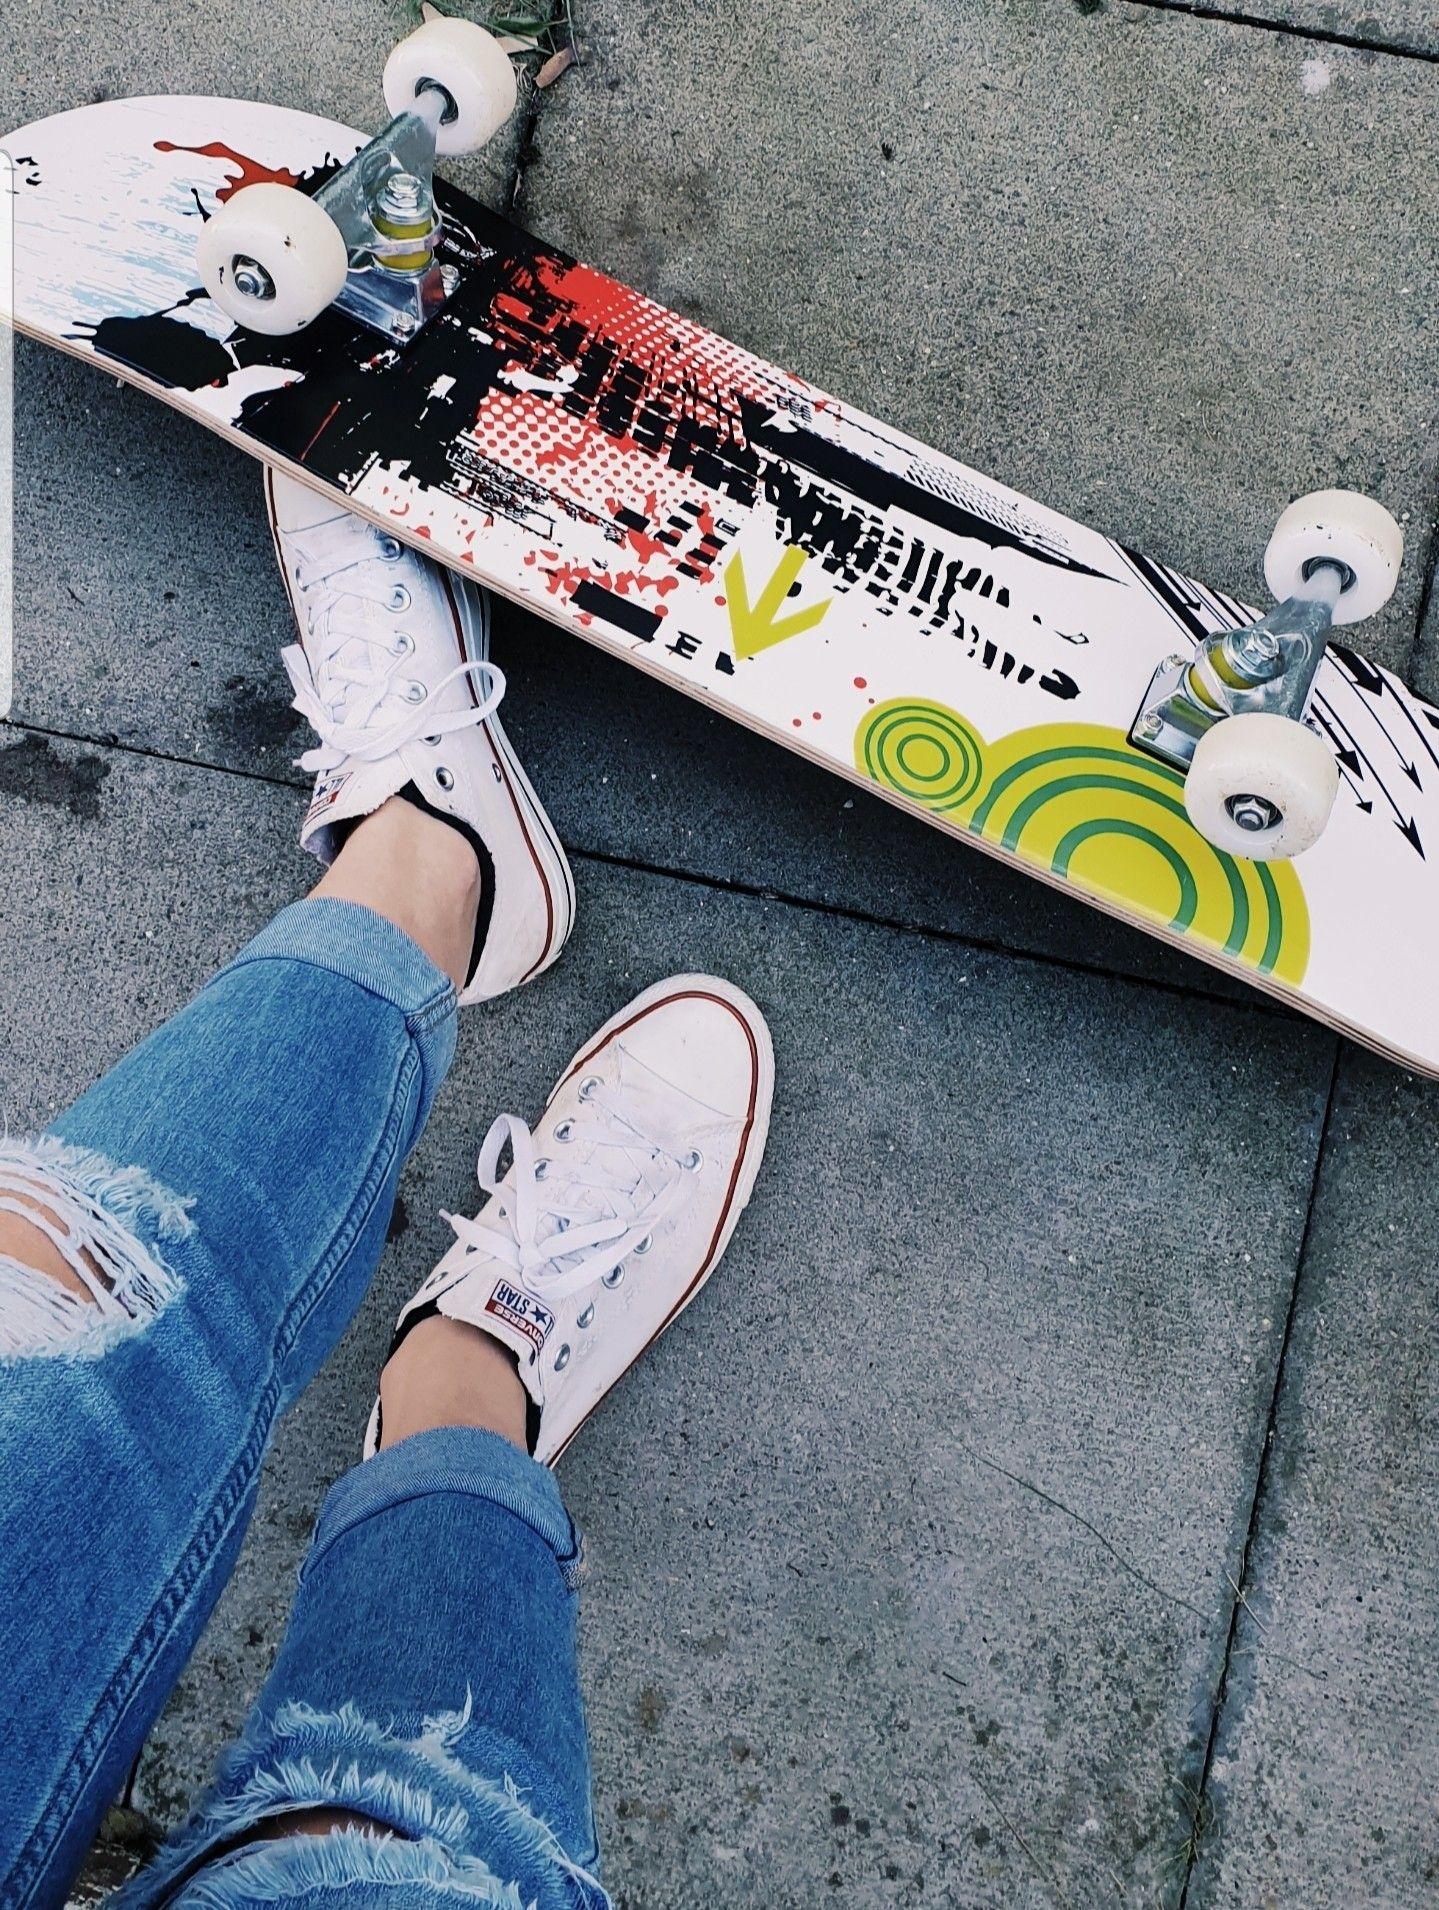 Skateboarding Aesthetic Jeans And Converse Skateboard Skater Girls